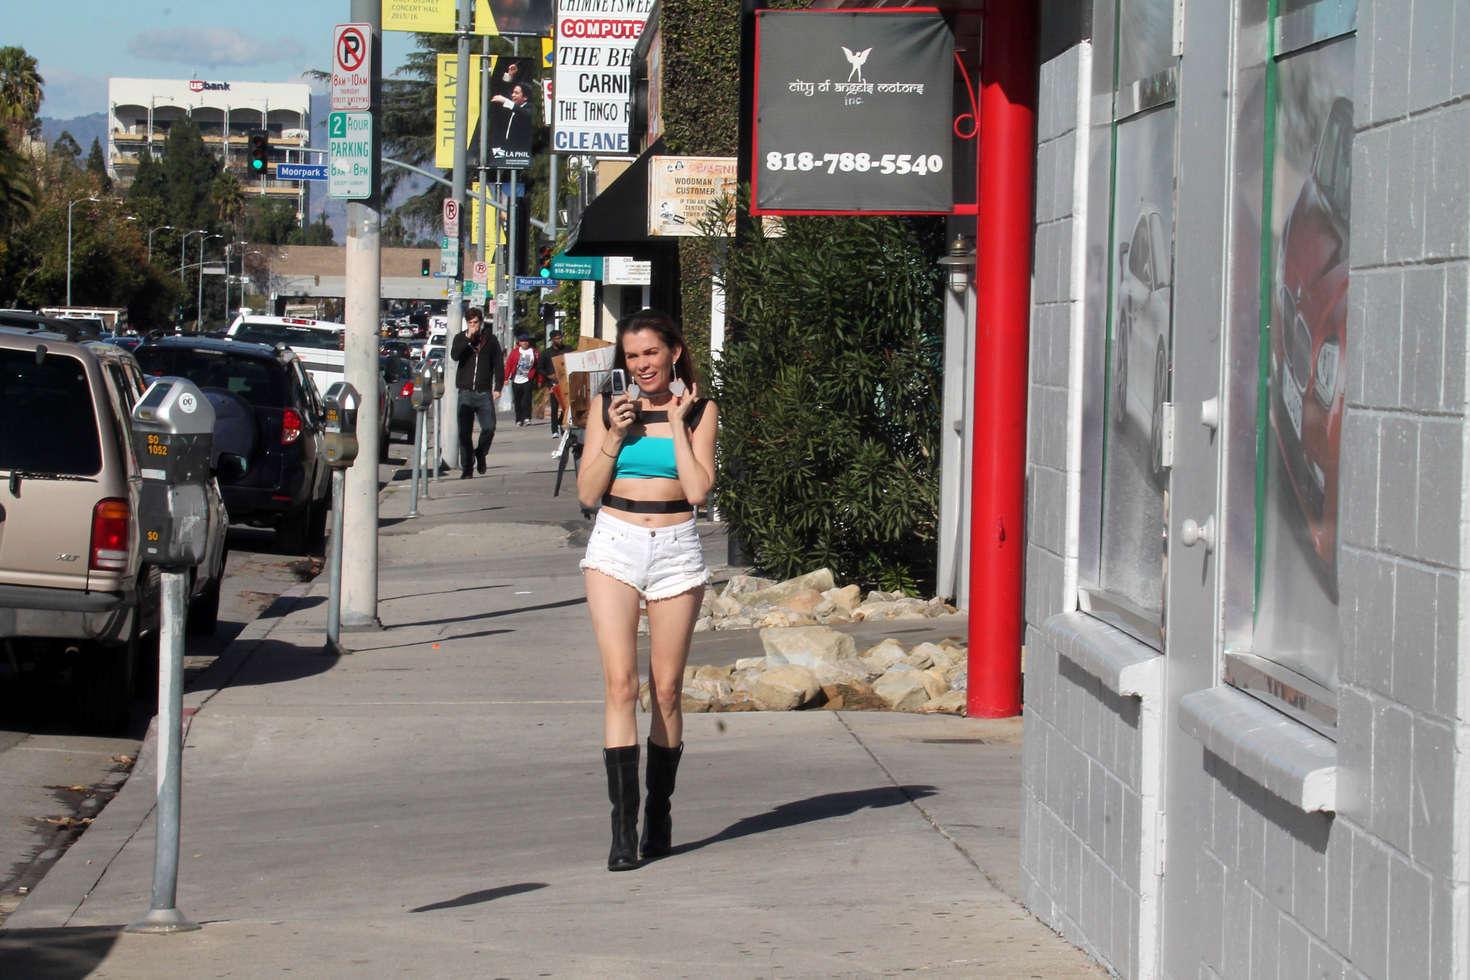 Alicia Arden 2016 : Alicia Arden in Jeans Shorts -17